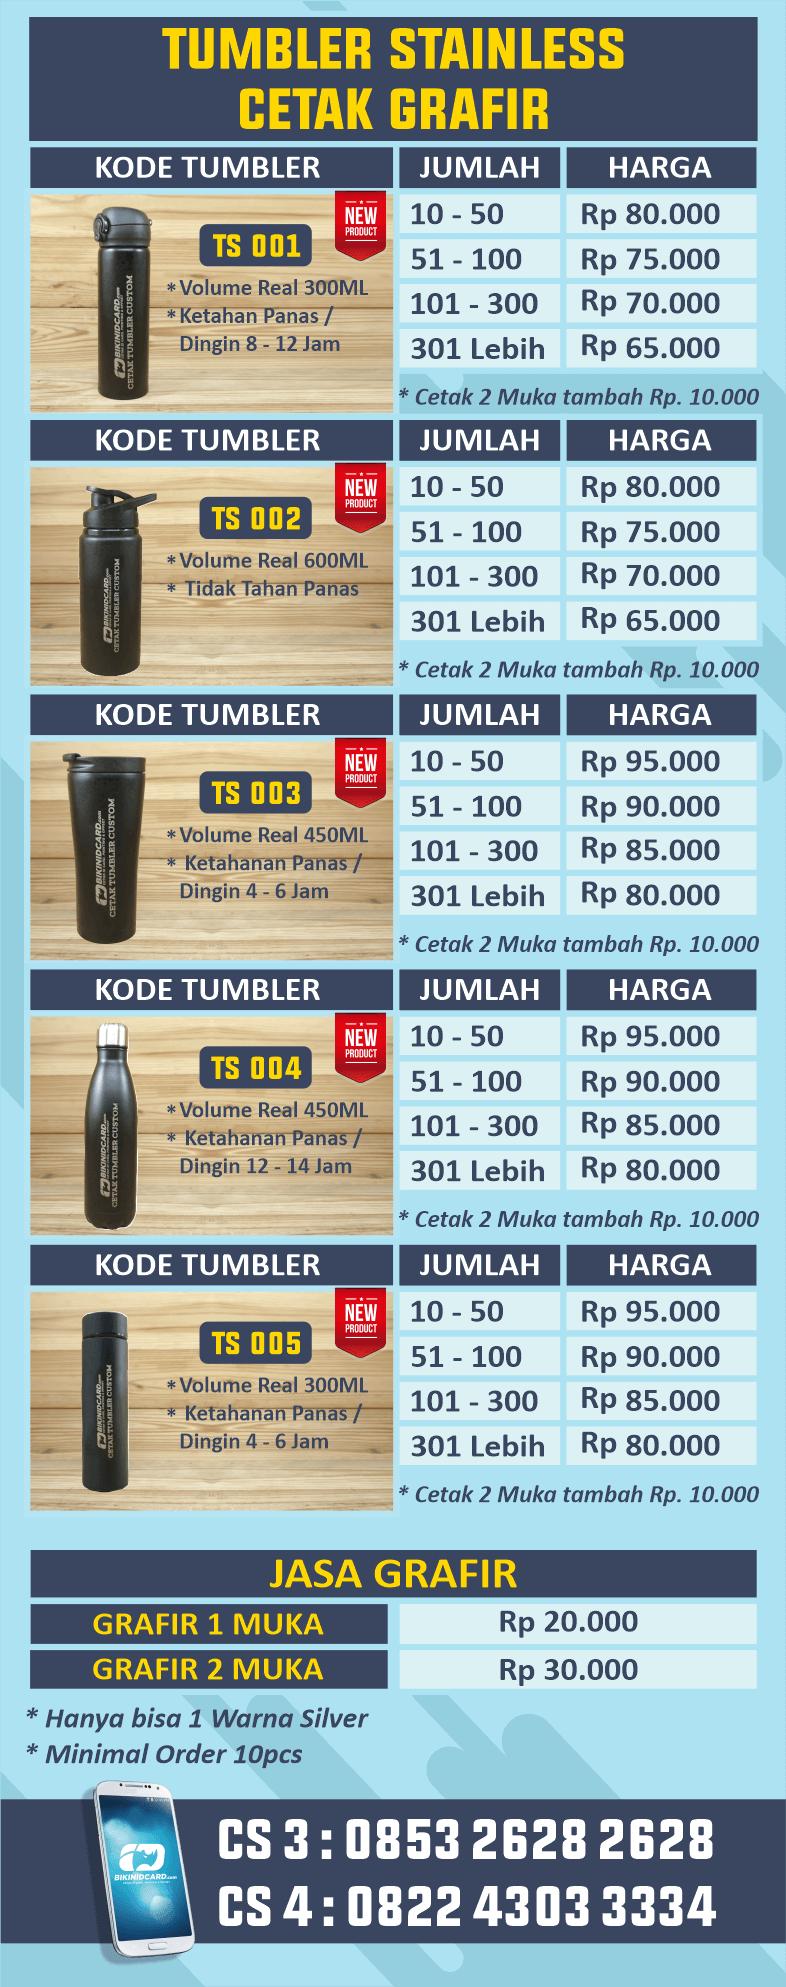 daftar harga tumble stainless terbaru